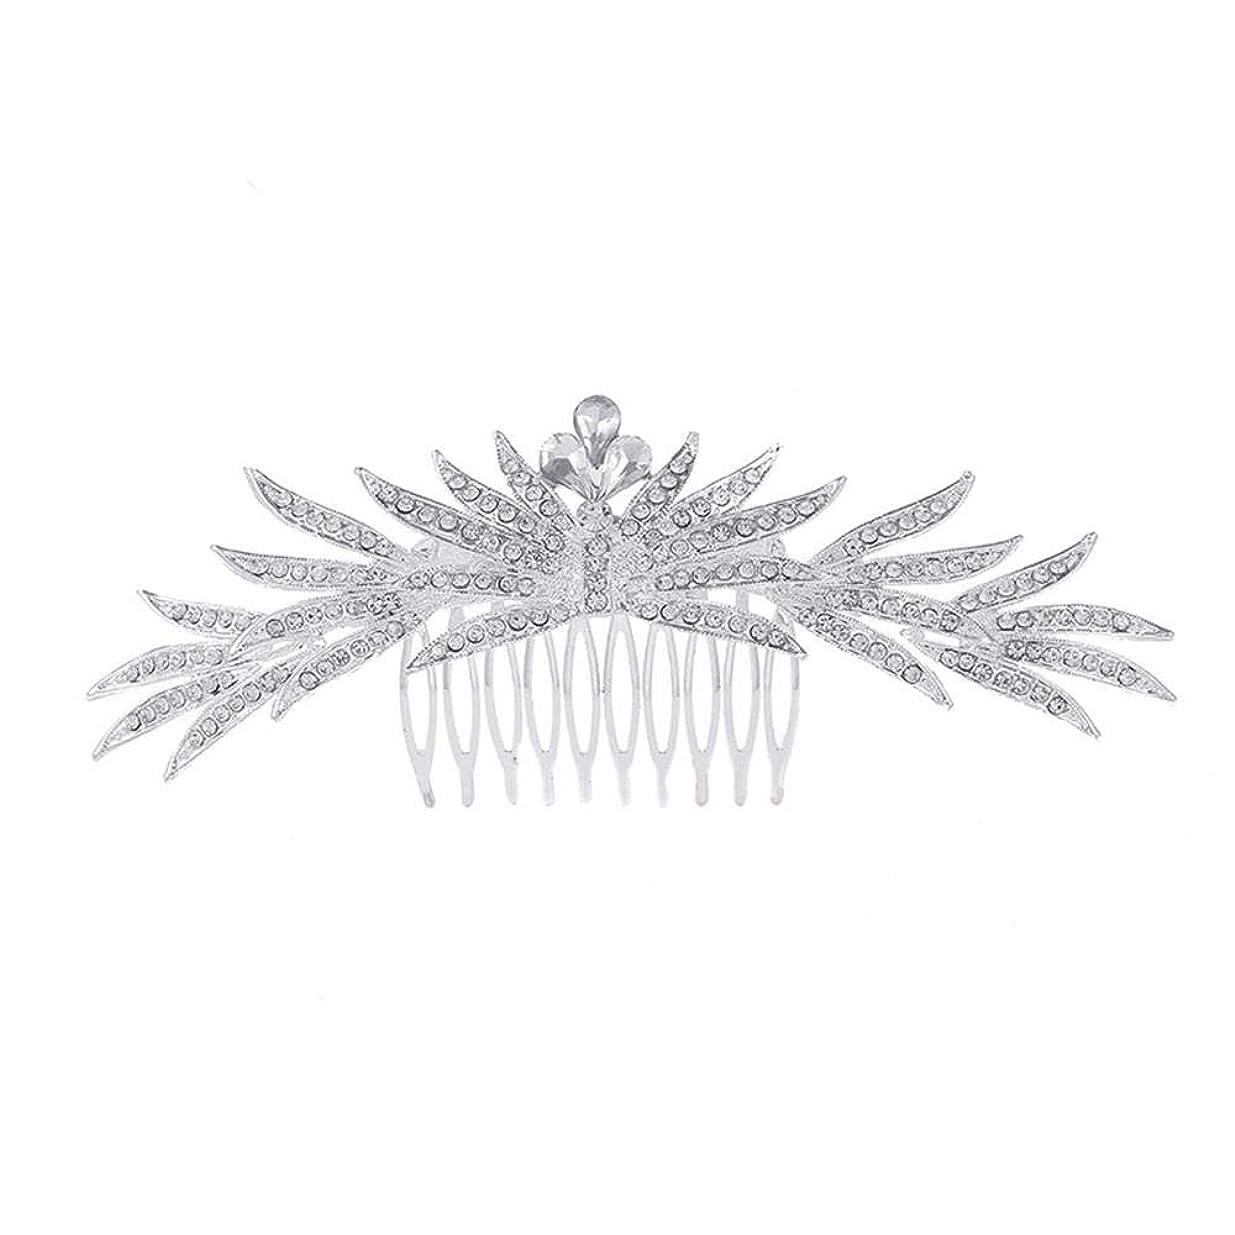 あからさま罪エレメンタル髪の櫛の櫛の櫛花嫁の髪の櫛ラインストーンの櫛亜鉛合金ブライダルヘッドドレス結婚式のアクセサリー挿入櫛